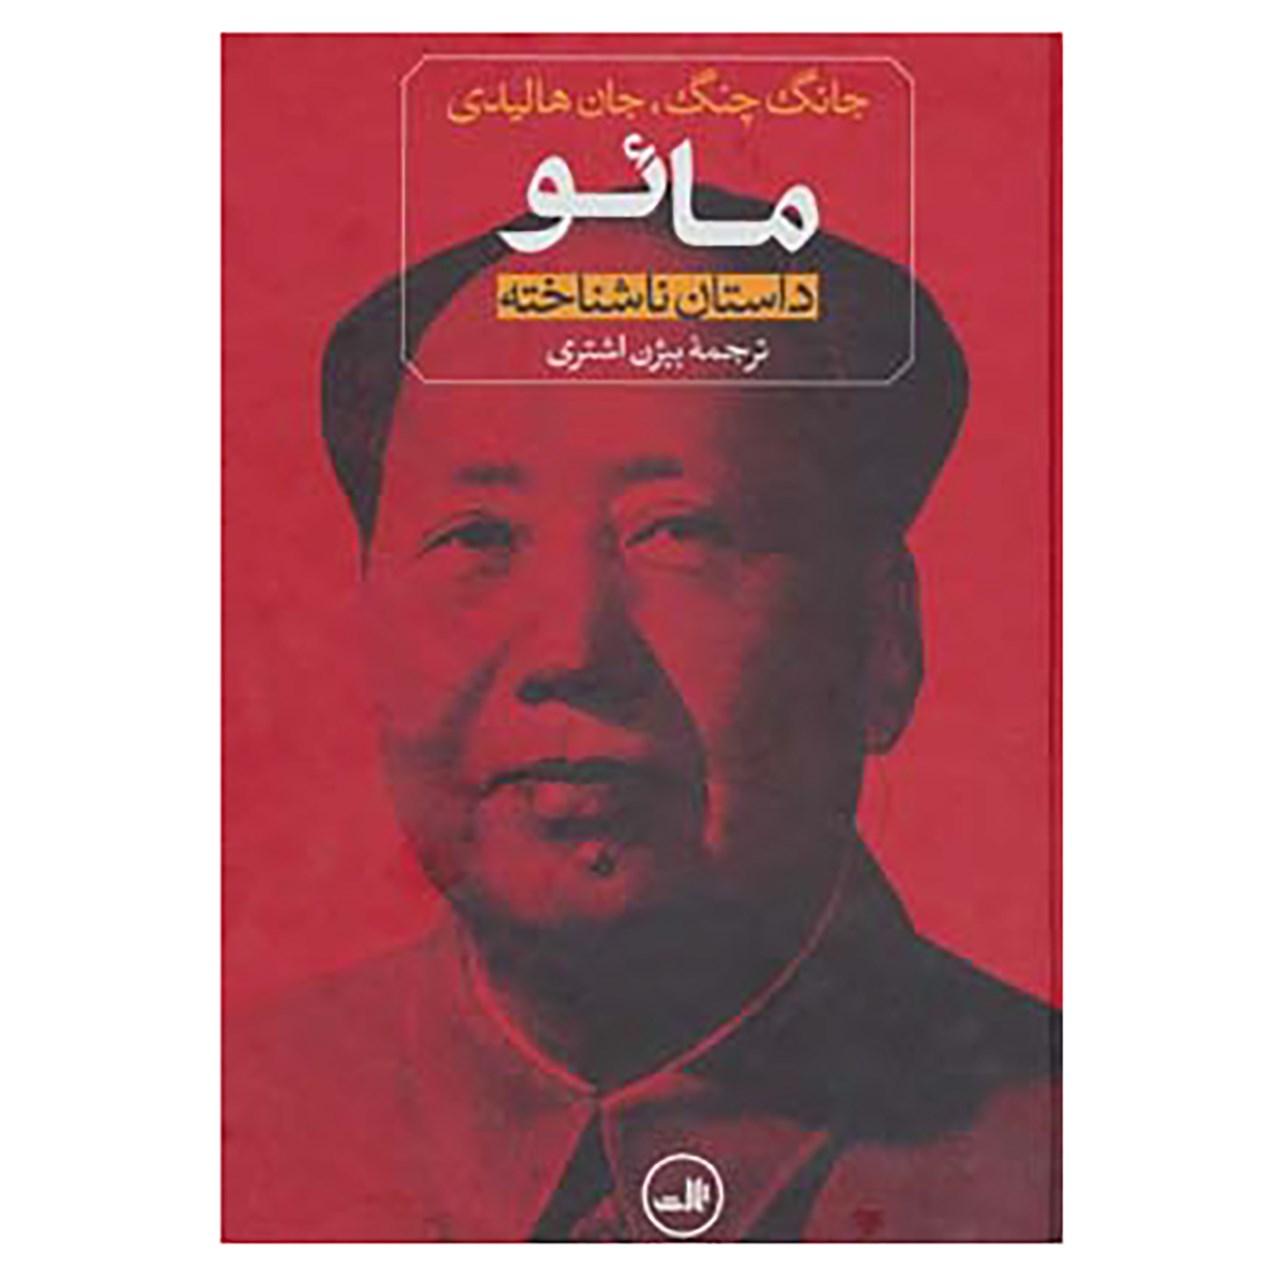 کتاب مائو اثر جان هالیدی،جان چانگ